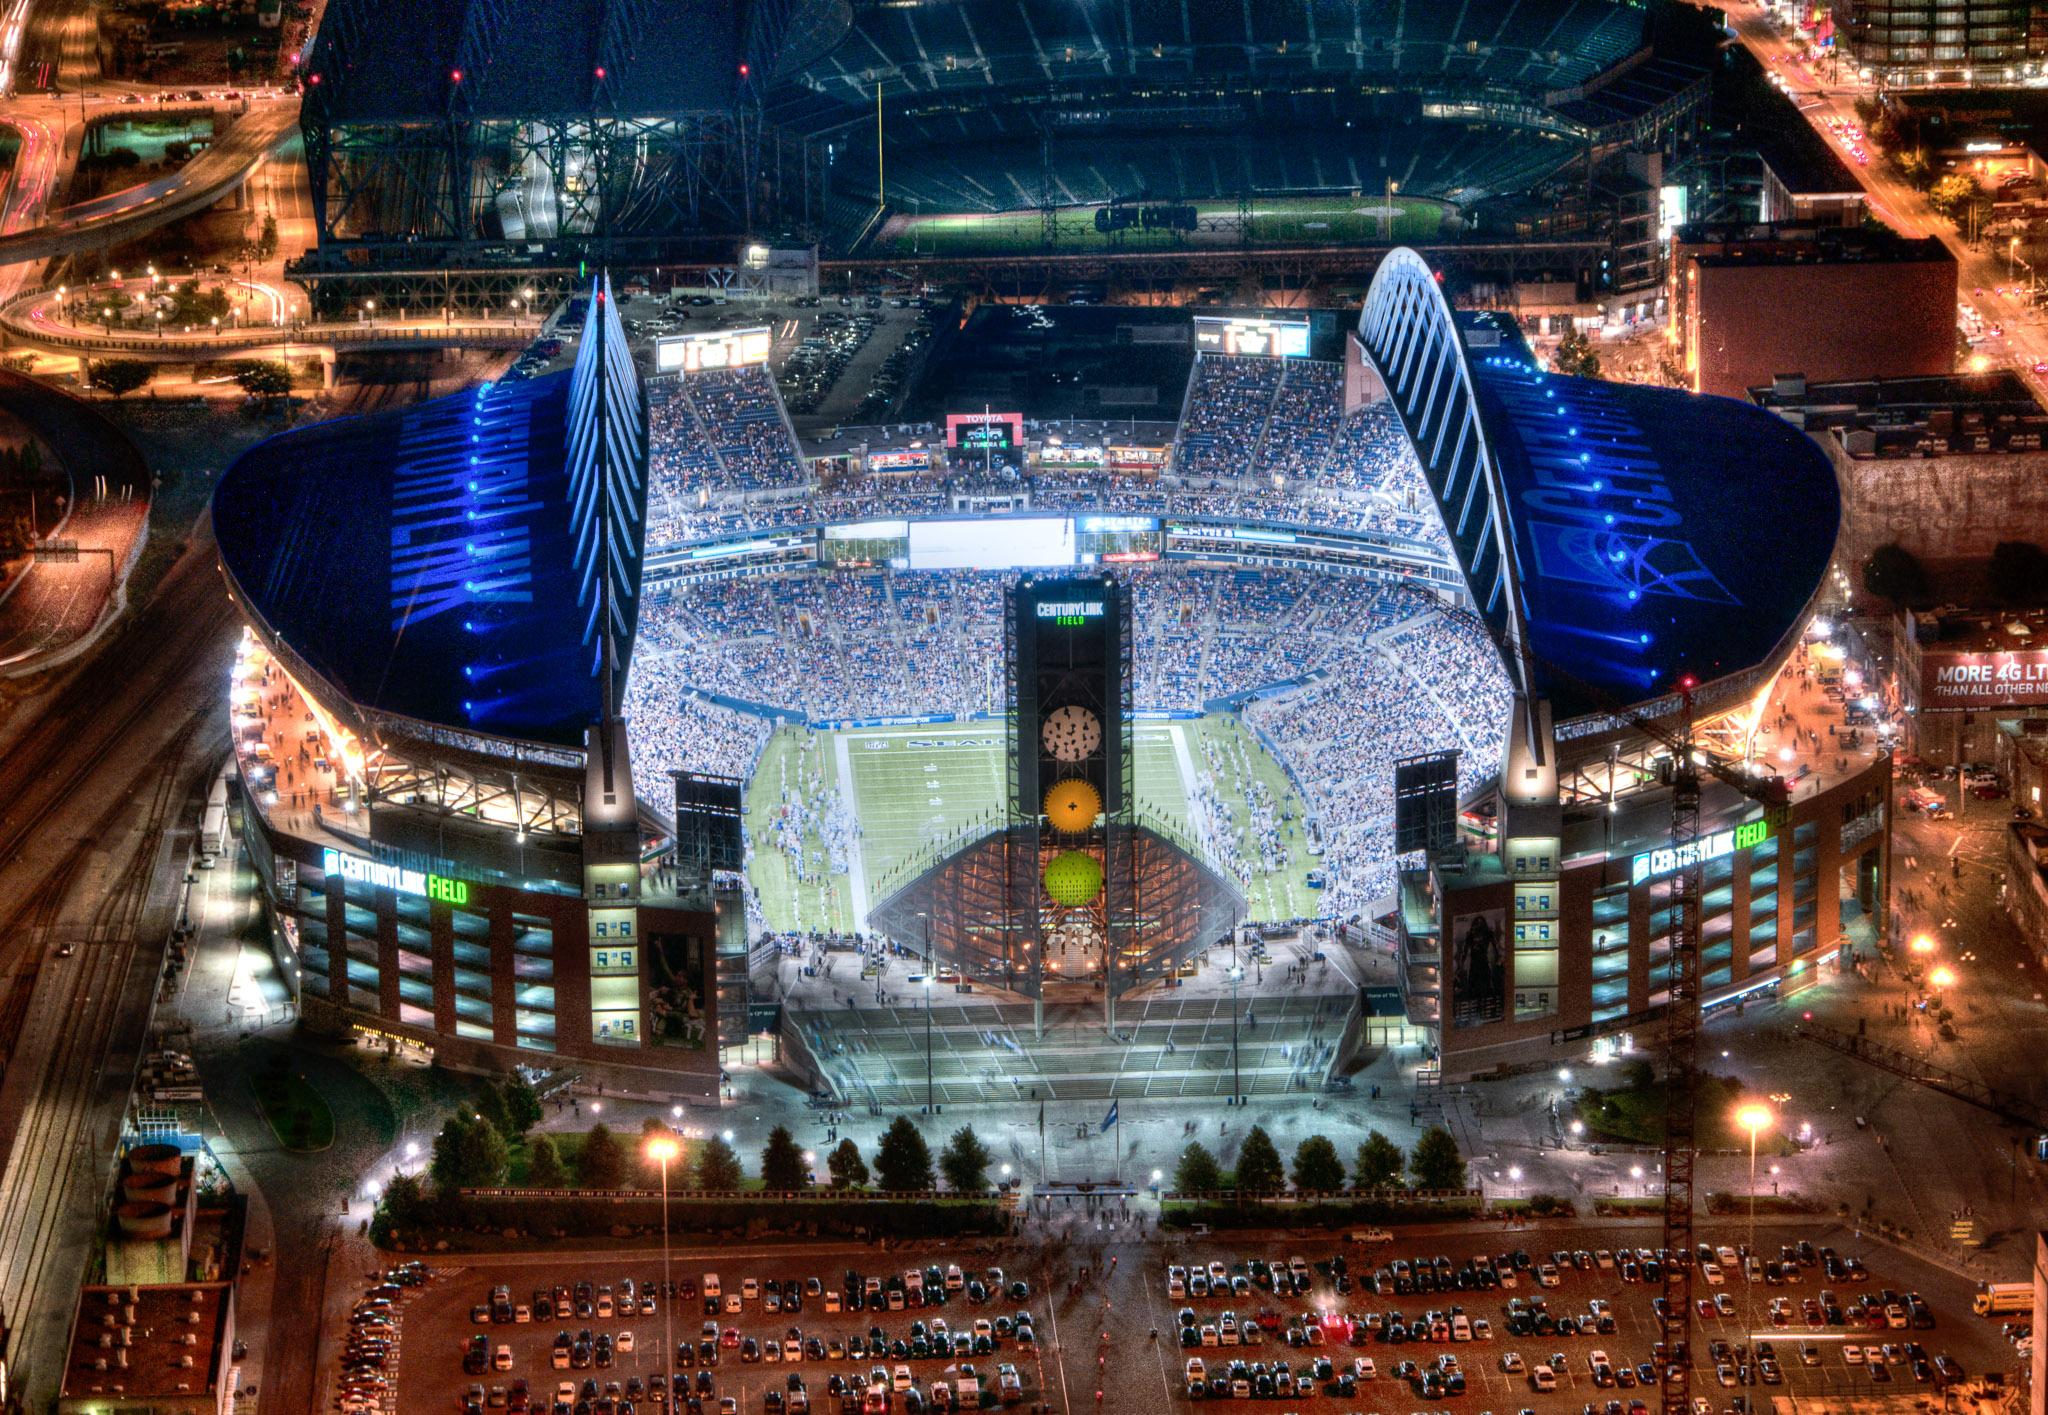 SEATTLE SEAHAWKS nfl football stadium f wallpaper 2048x1415 188257 2048x1415